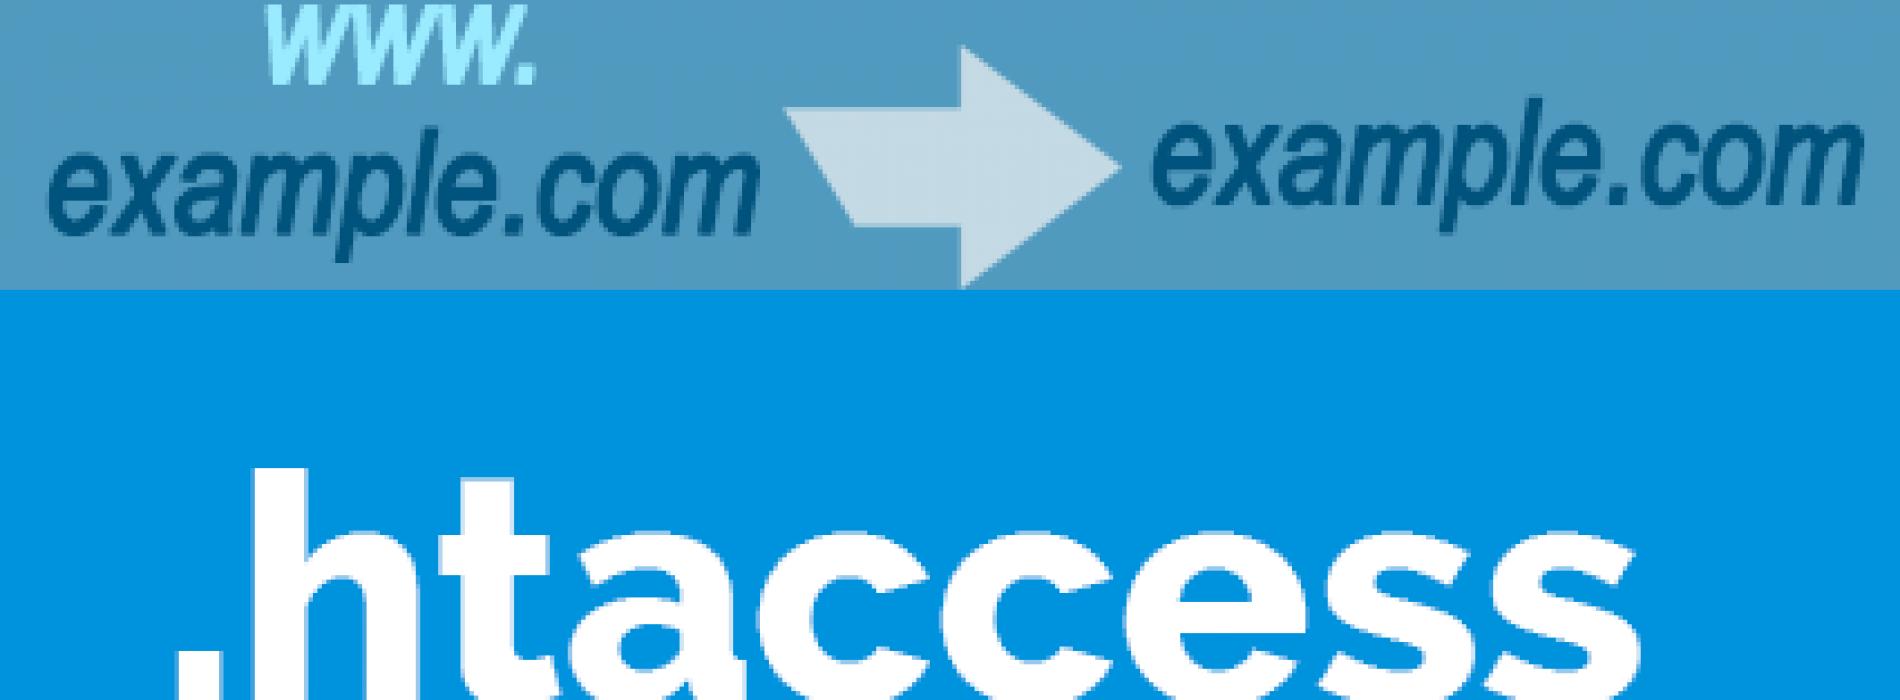 شرح تحويل رابط الموقع الى www او بدون بواسطه ملف .htaccess